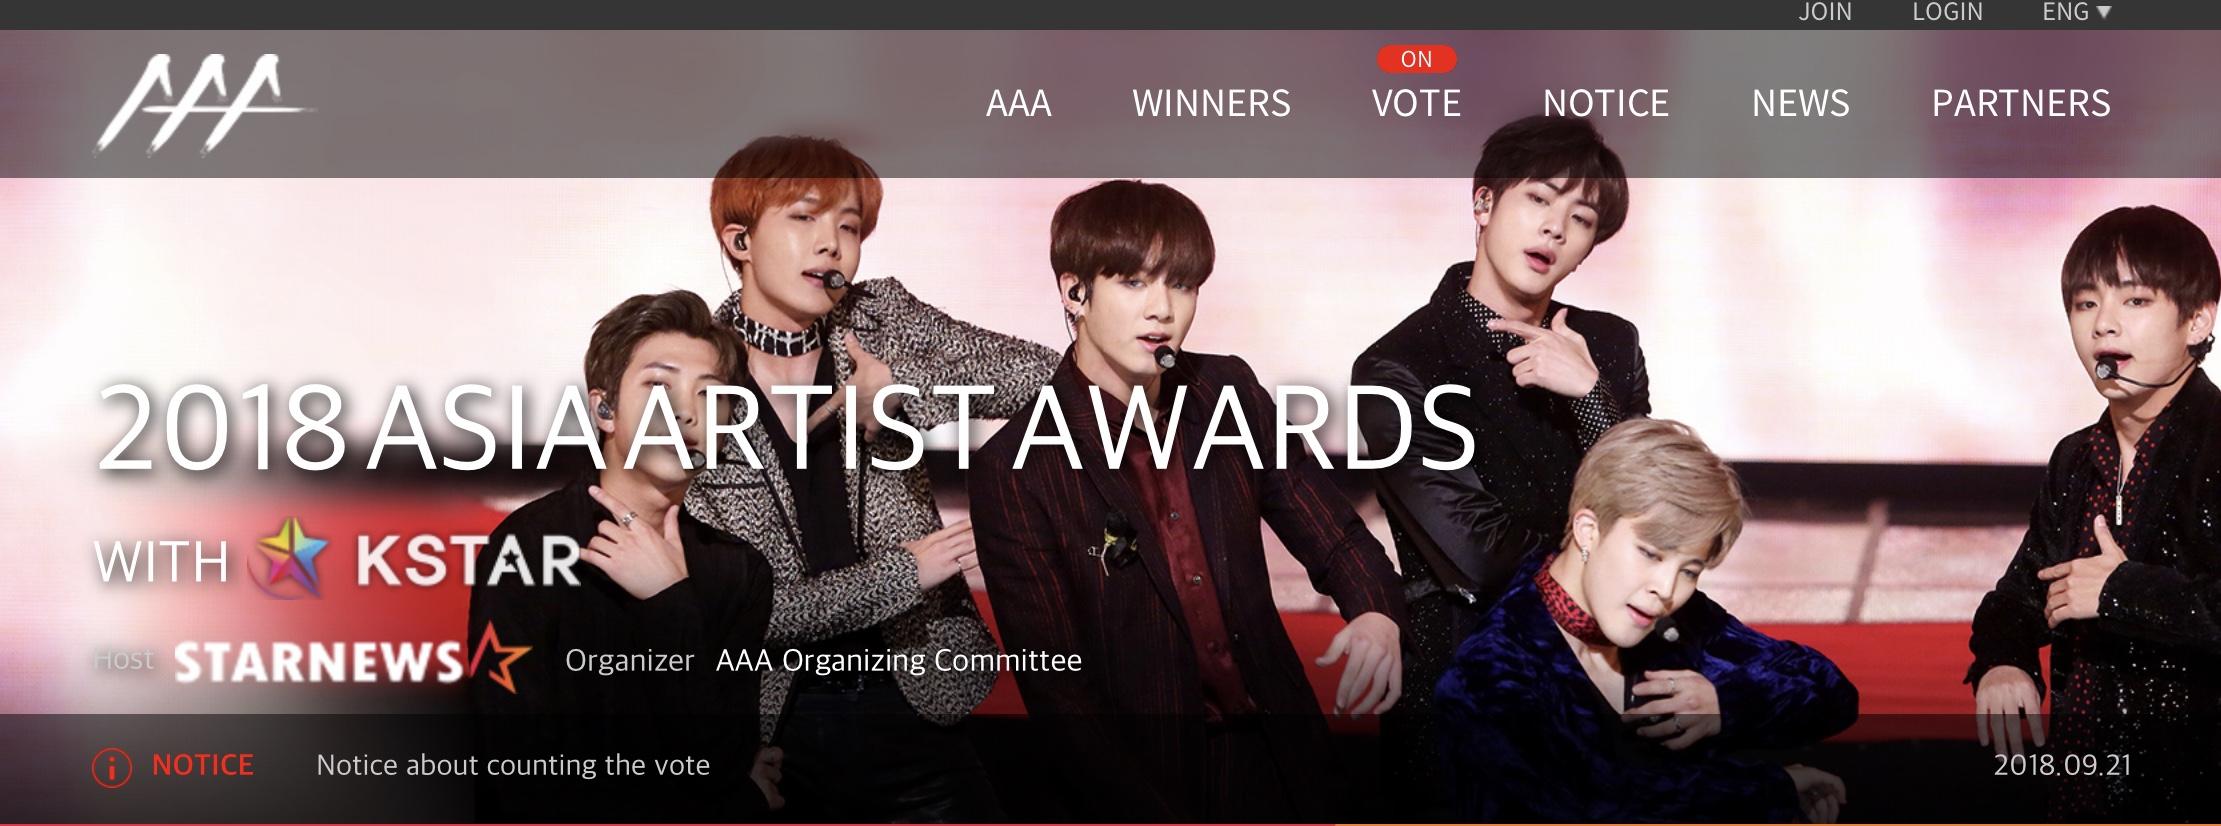 Asia Artist Awards 2018 | Sitio web